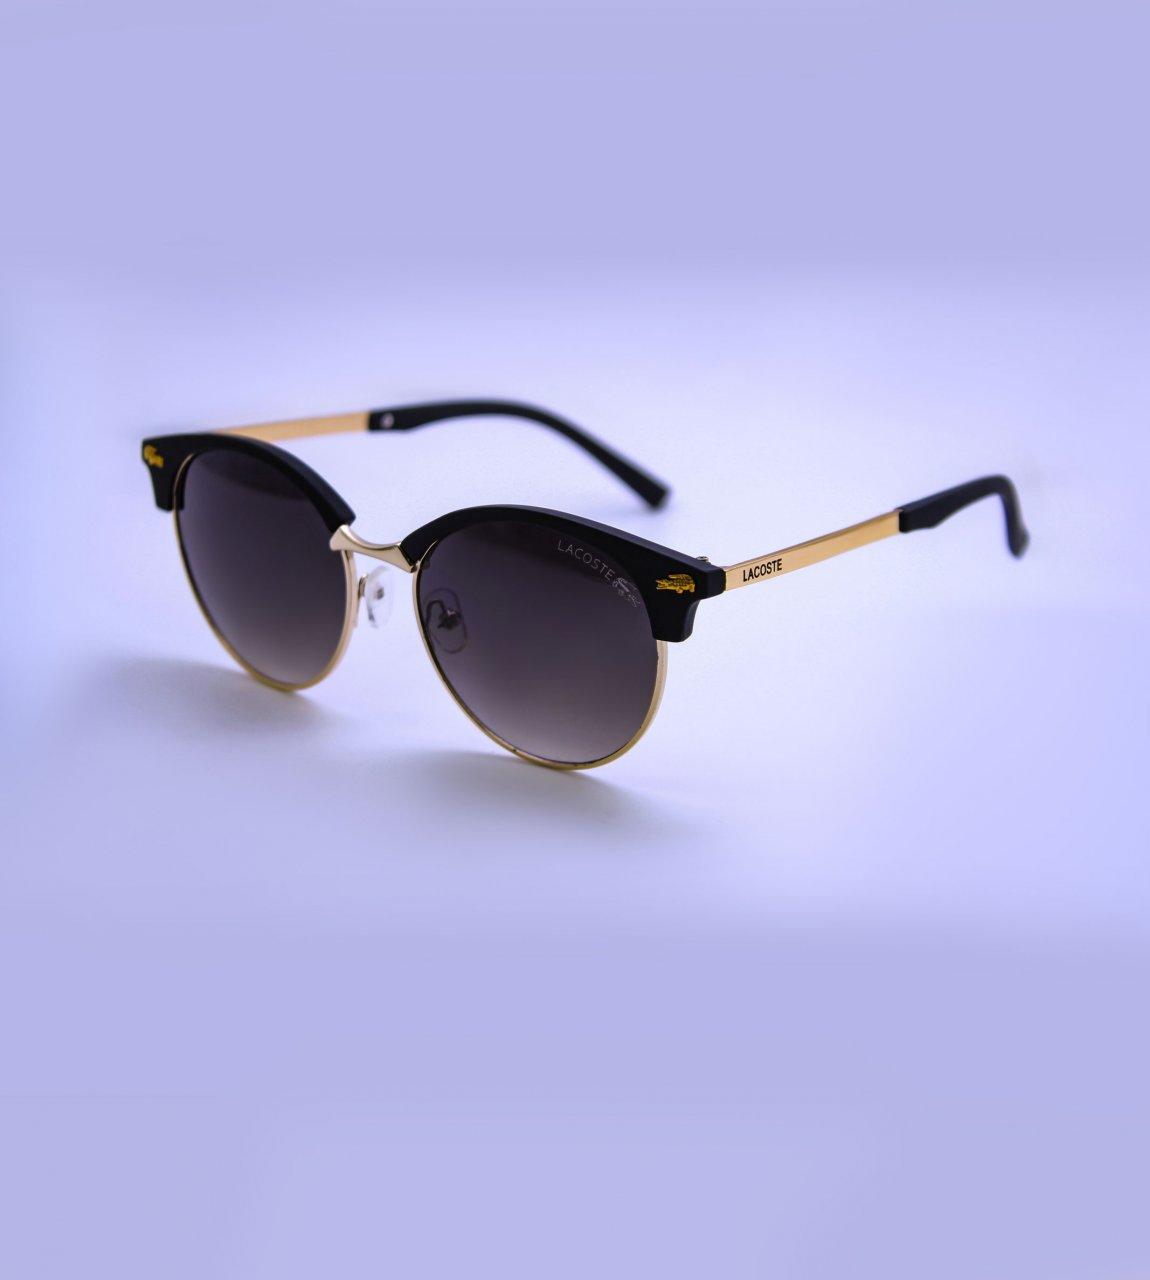 عینک آفتابی مردانه لاگوست lacoste 2019